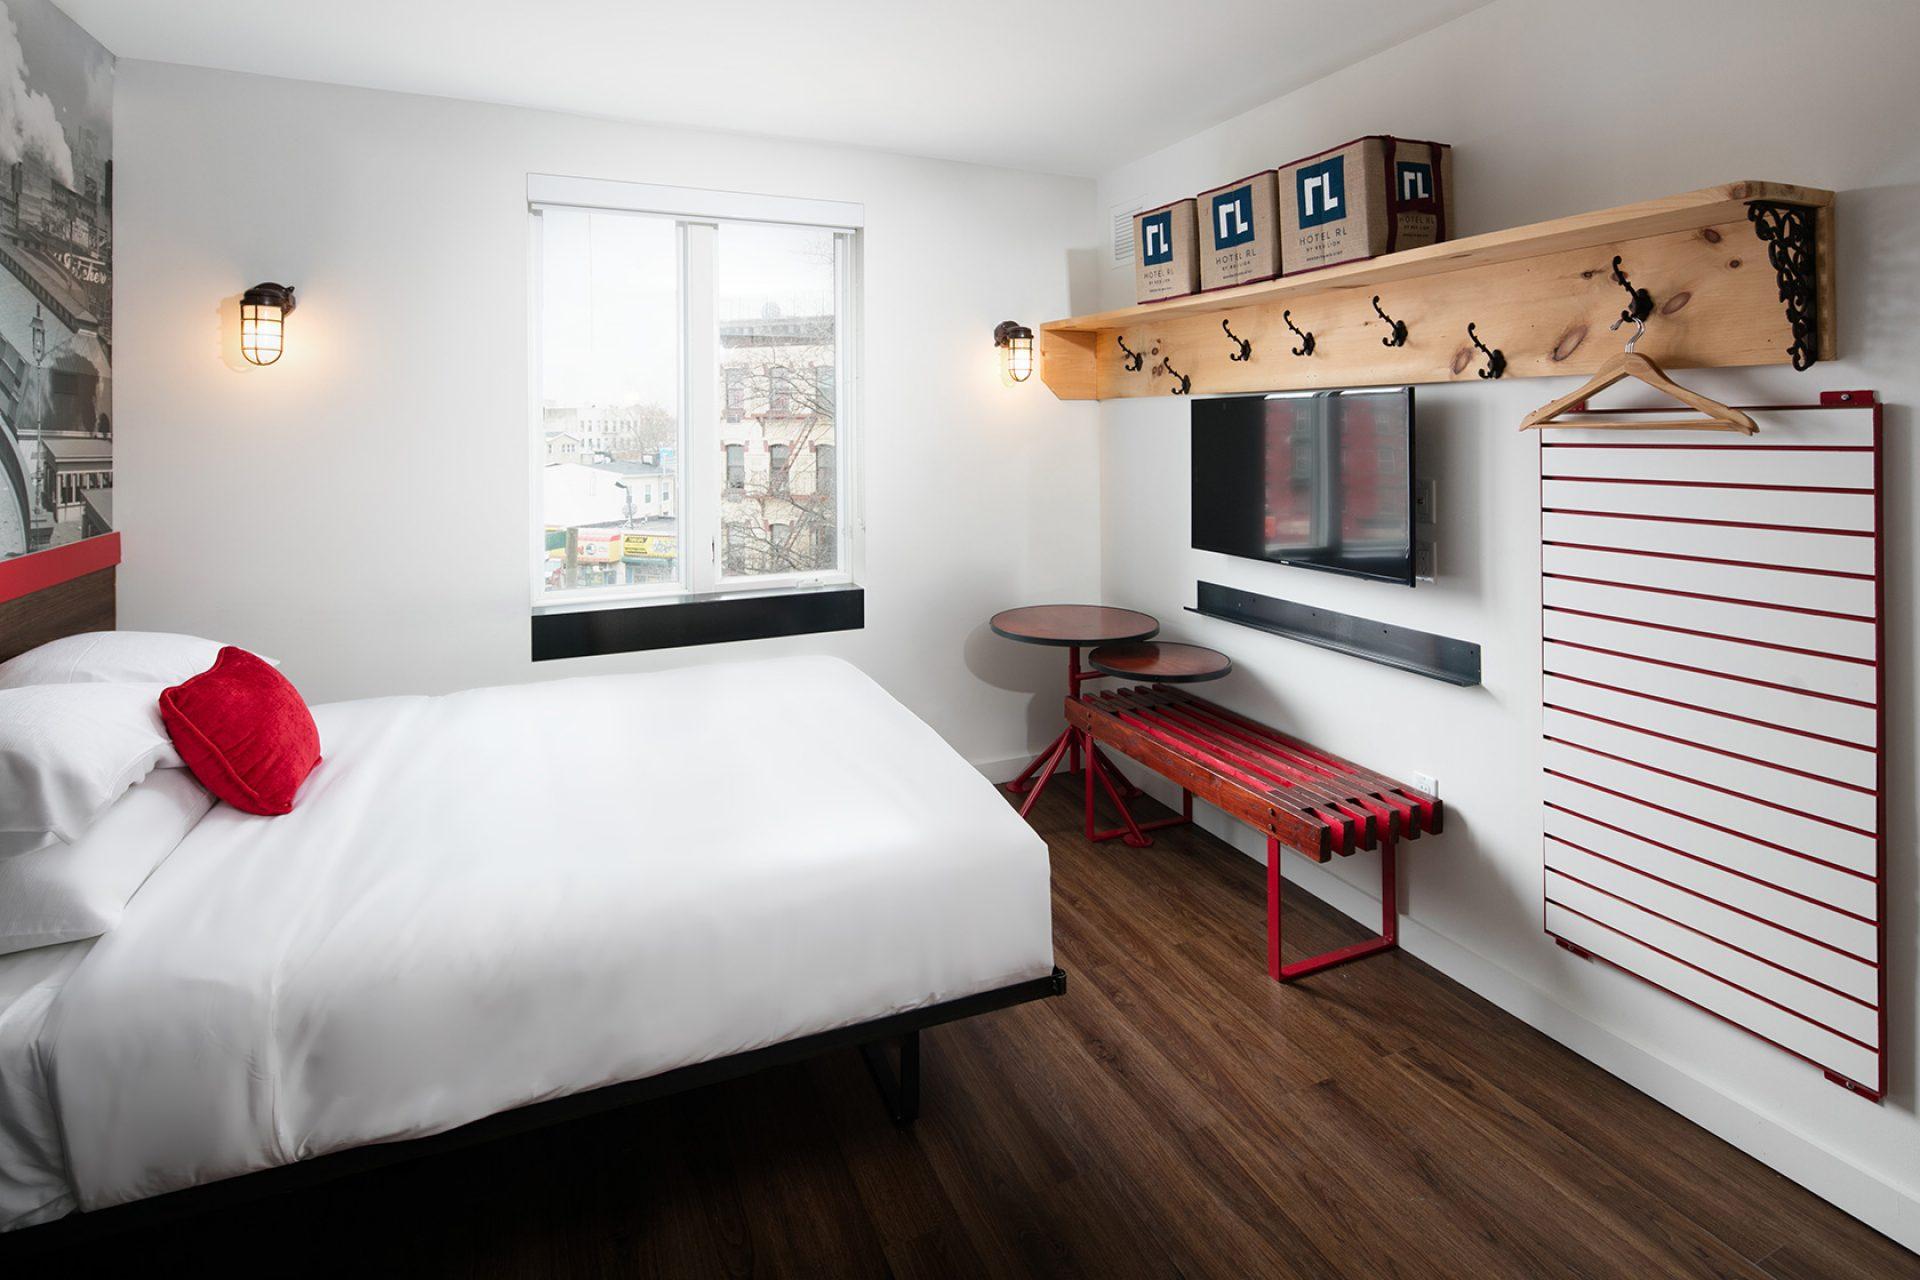 Hotel RL - Creative community-based hotel for the modern traveler